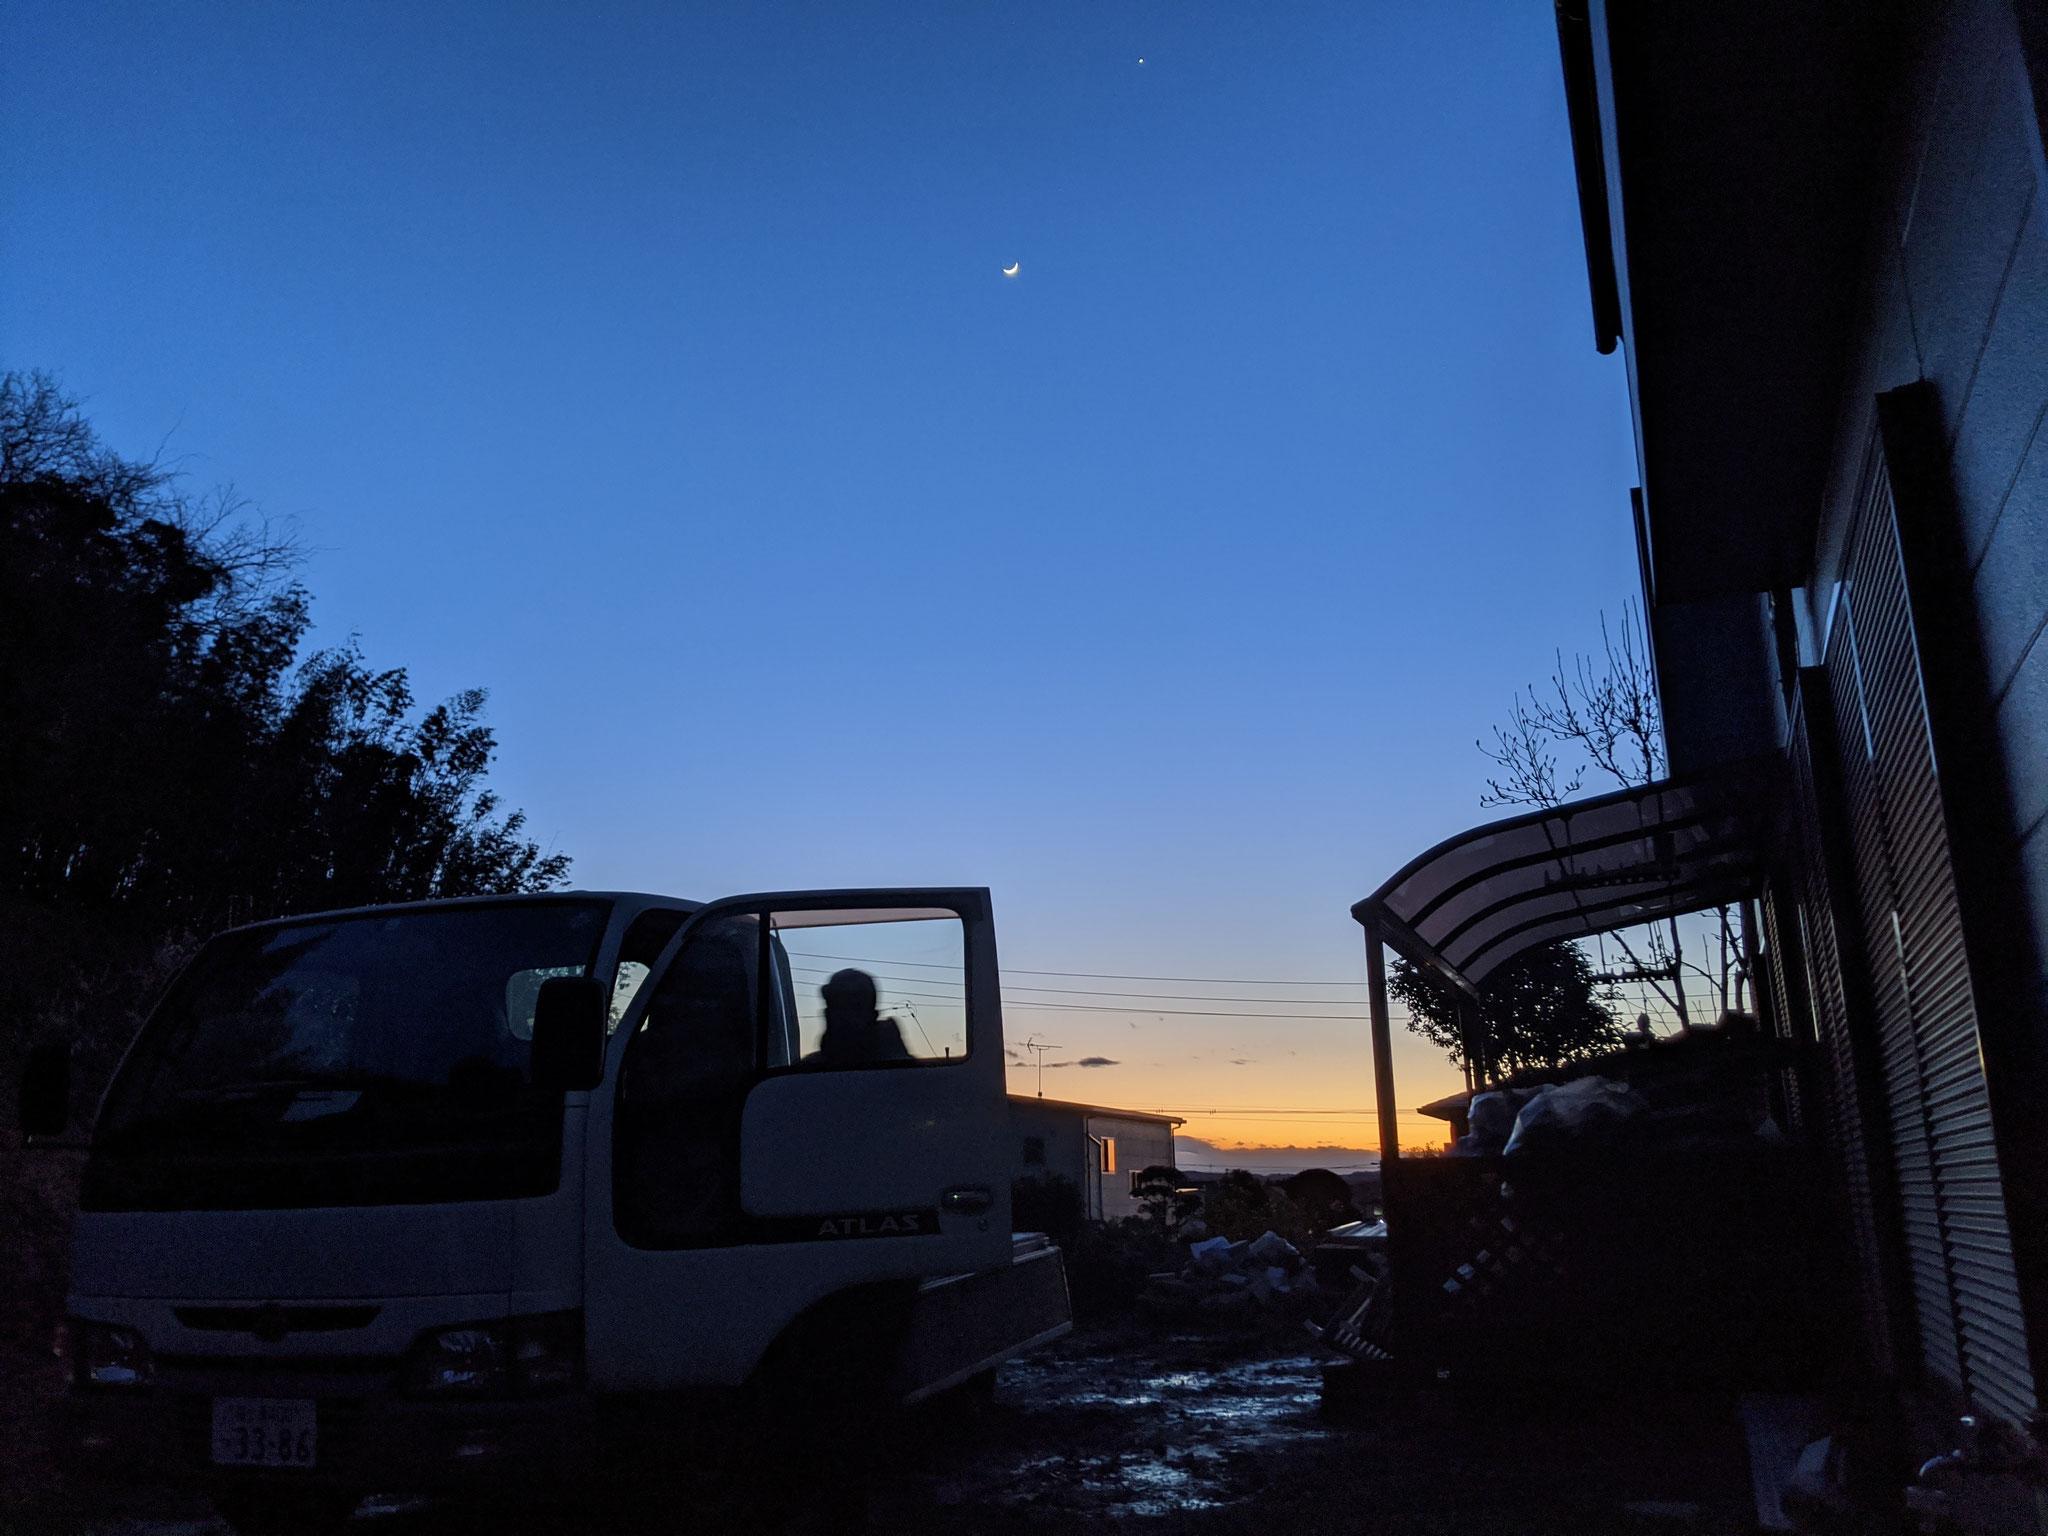 夕焼けがきれいなのも一宮町の魅力